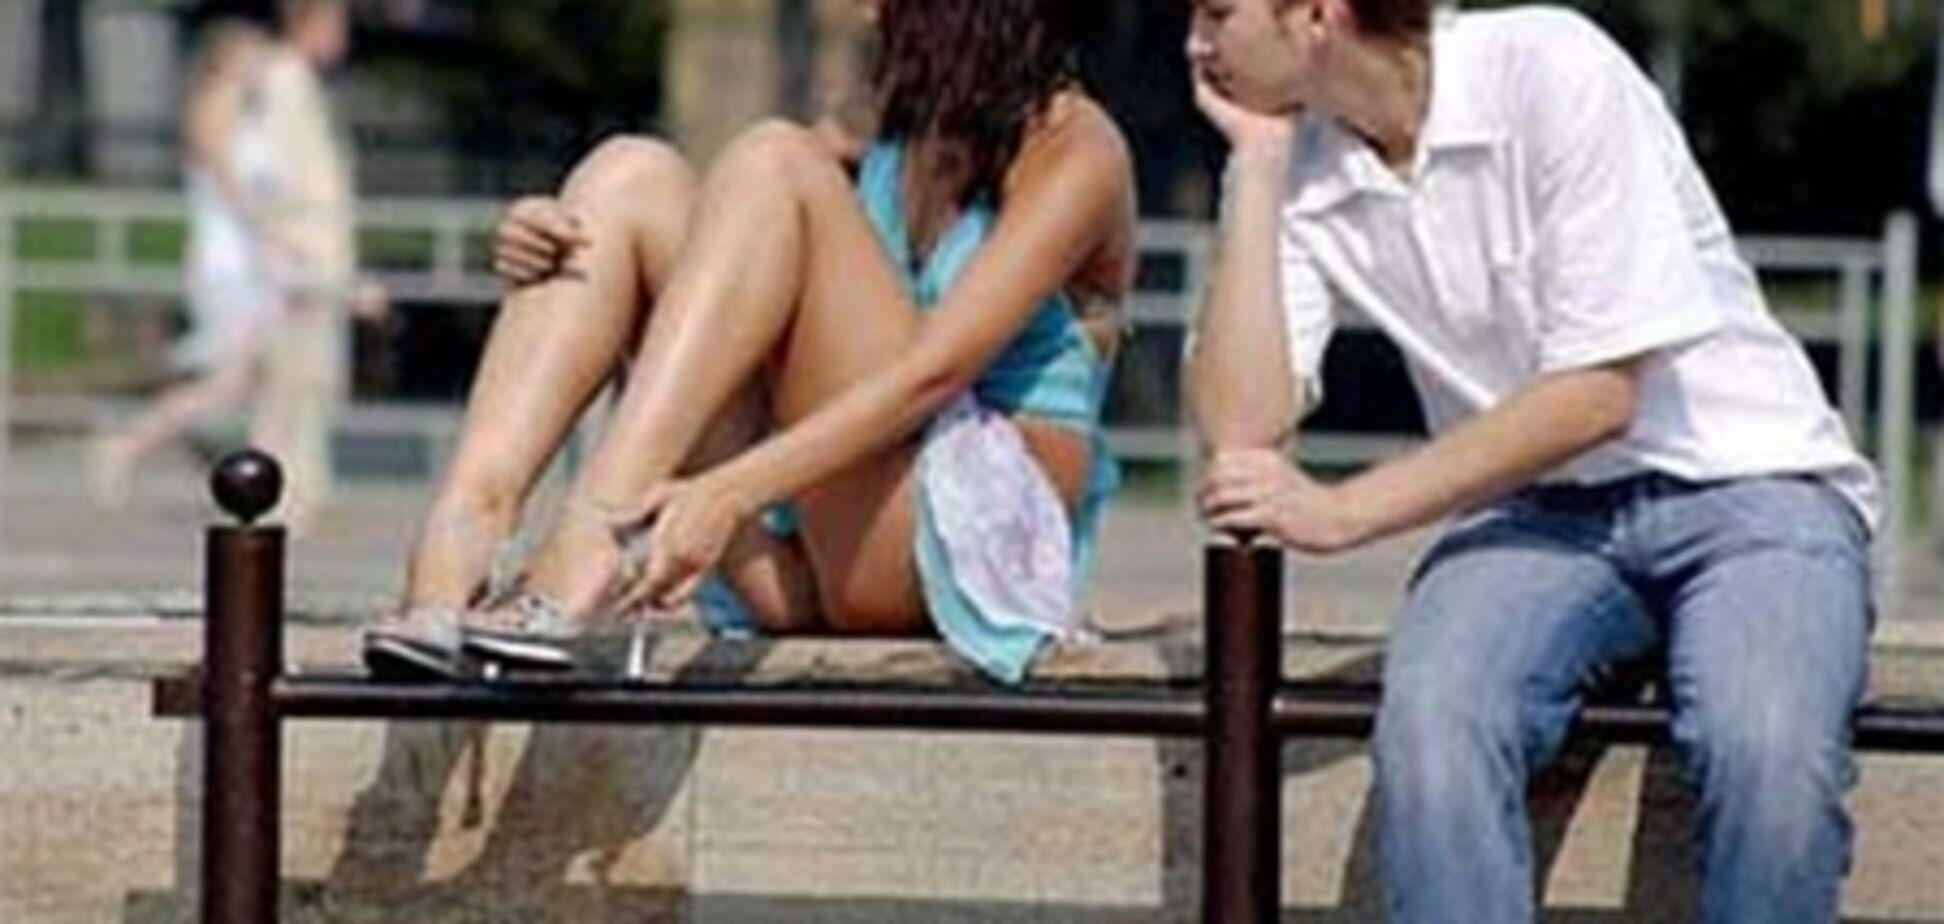 Школа пикапа: как добиться секса за пять минут